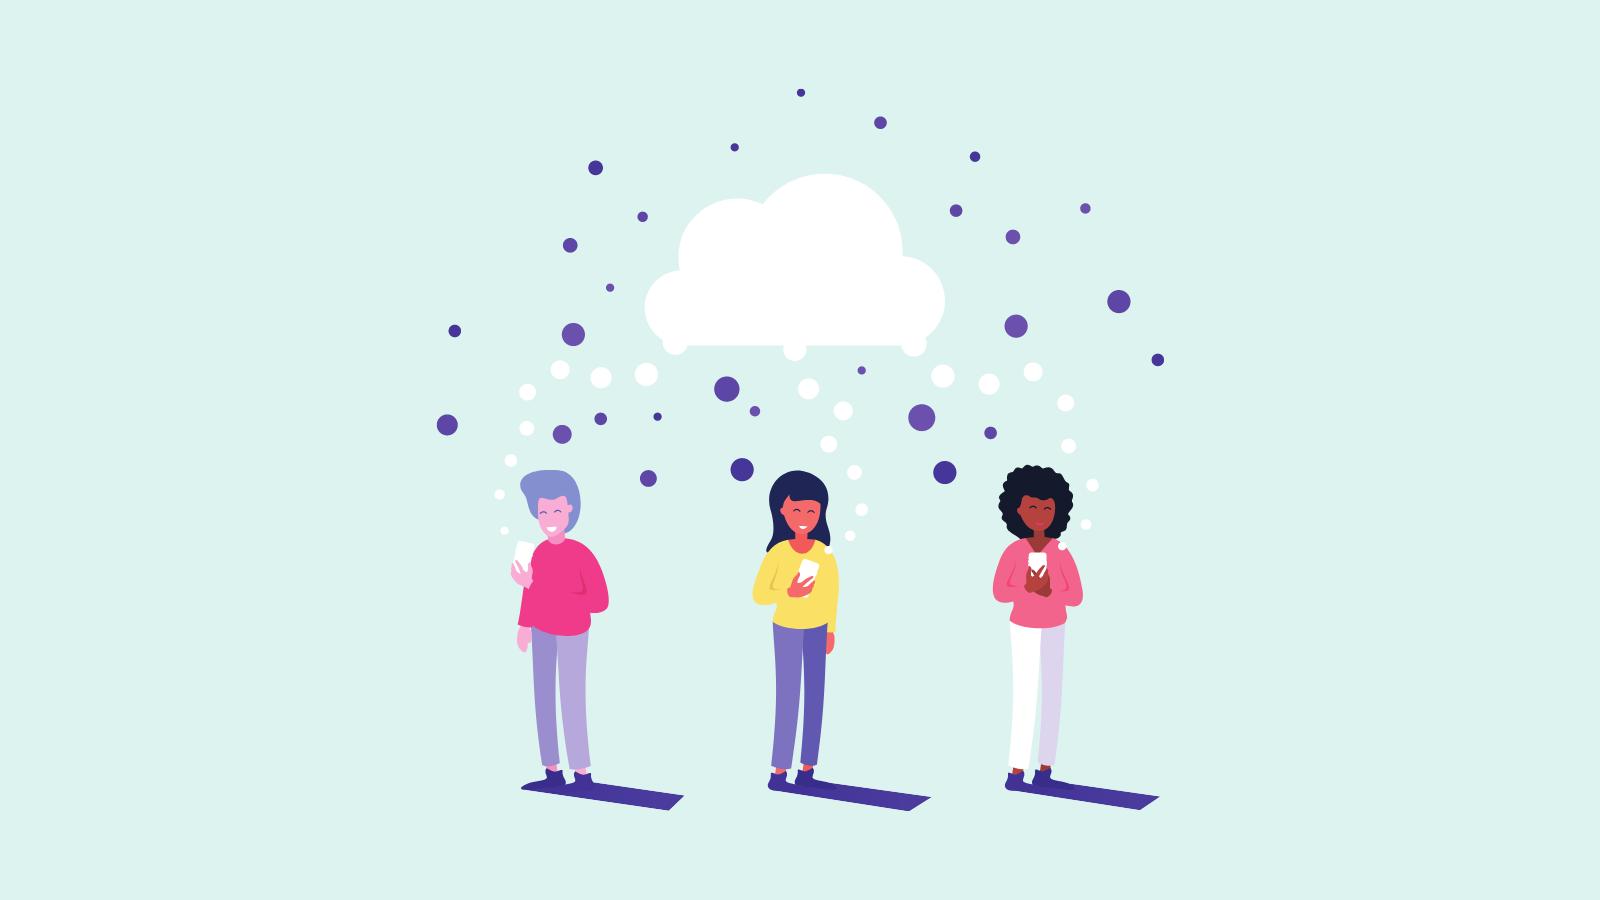 Piirrettyjä hahmoja seisää vierekkäin älylaitteet käsissä ja heidän ylleen muodostuu pilvi.